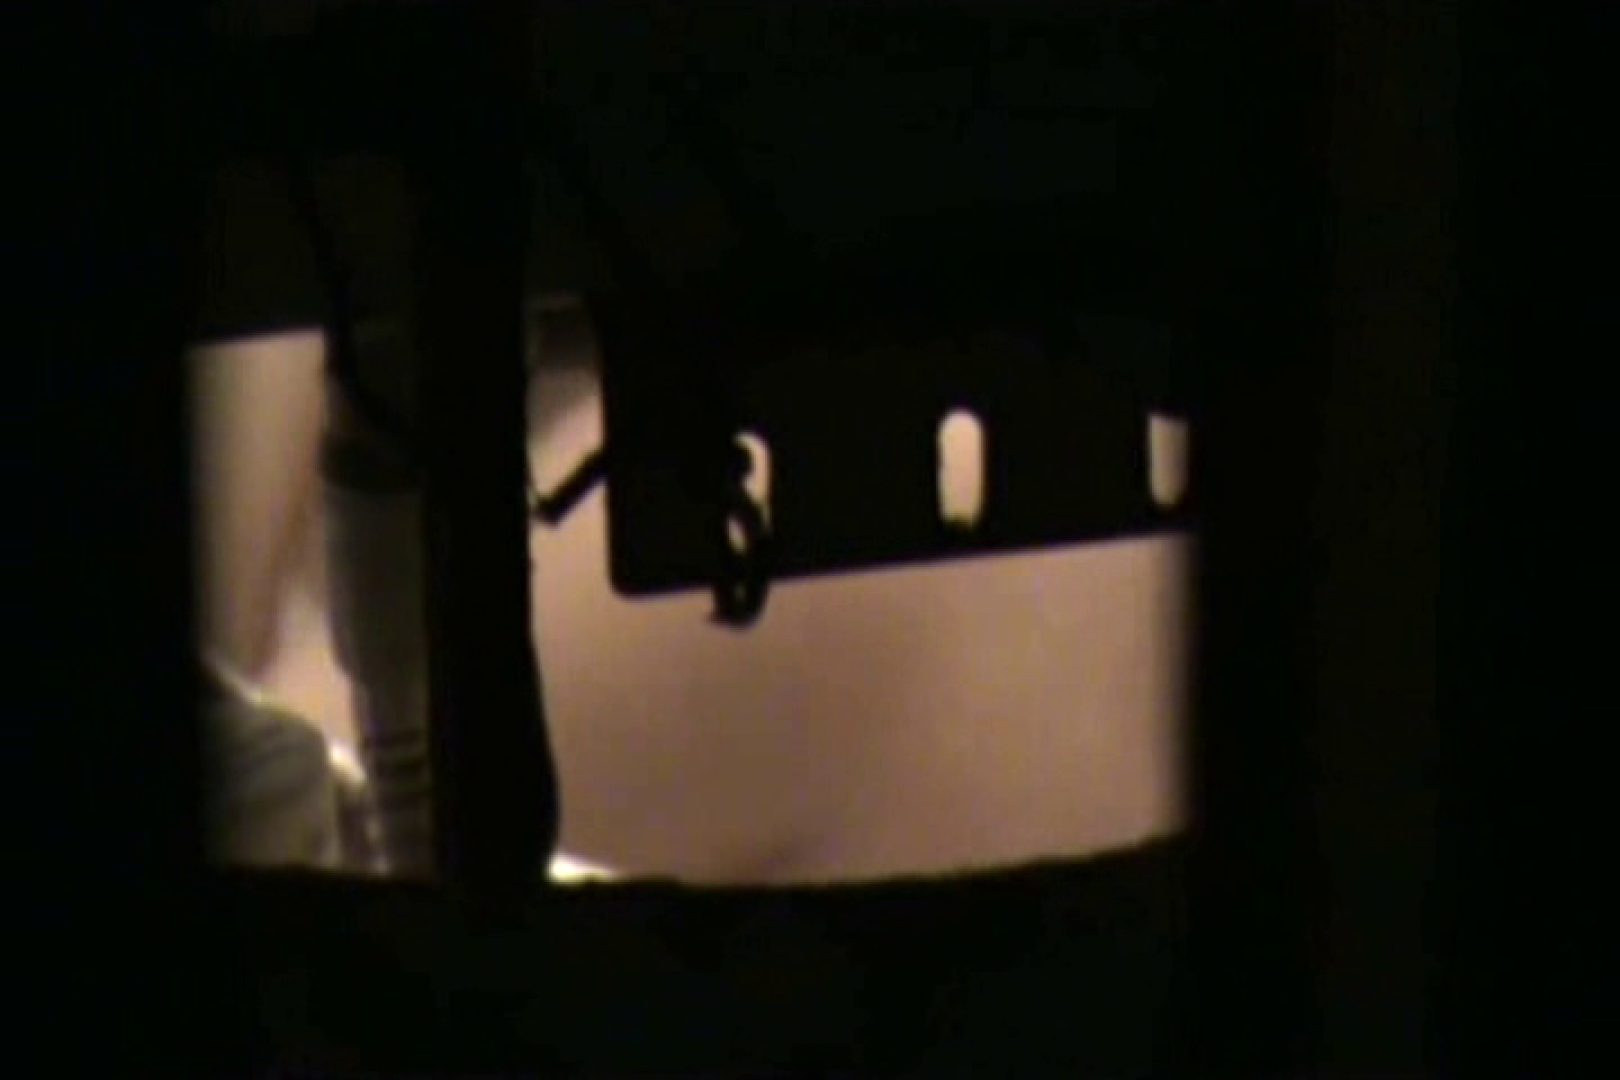 ぼっとん洗面所スペシャルVol.3 OLの実態 盗撮おめこ無修正動画無料 92pic 14